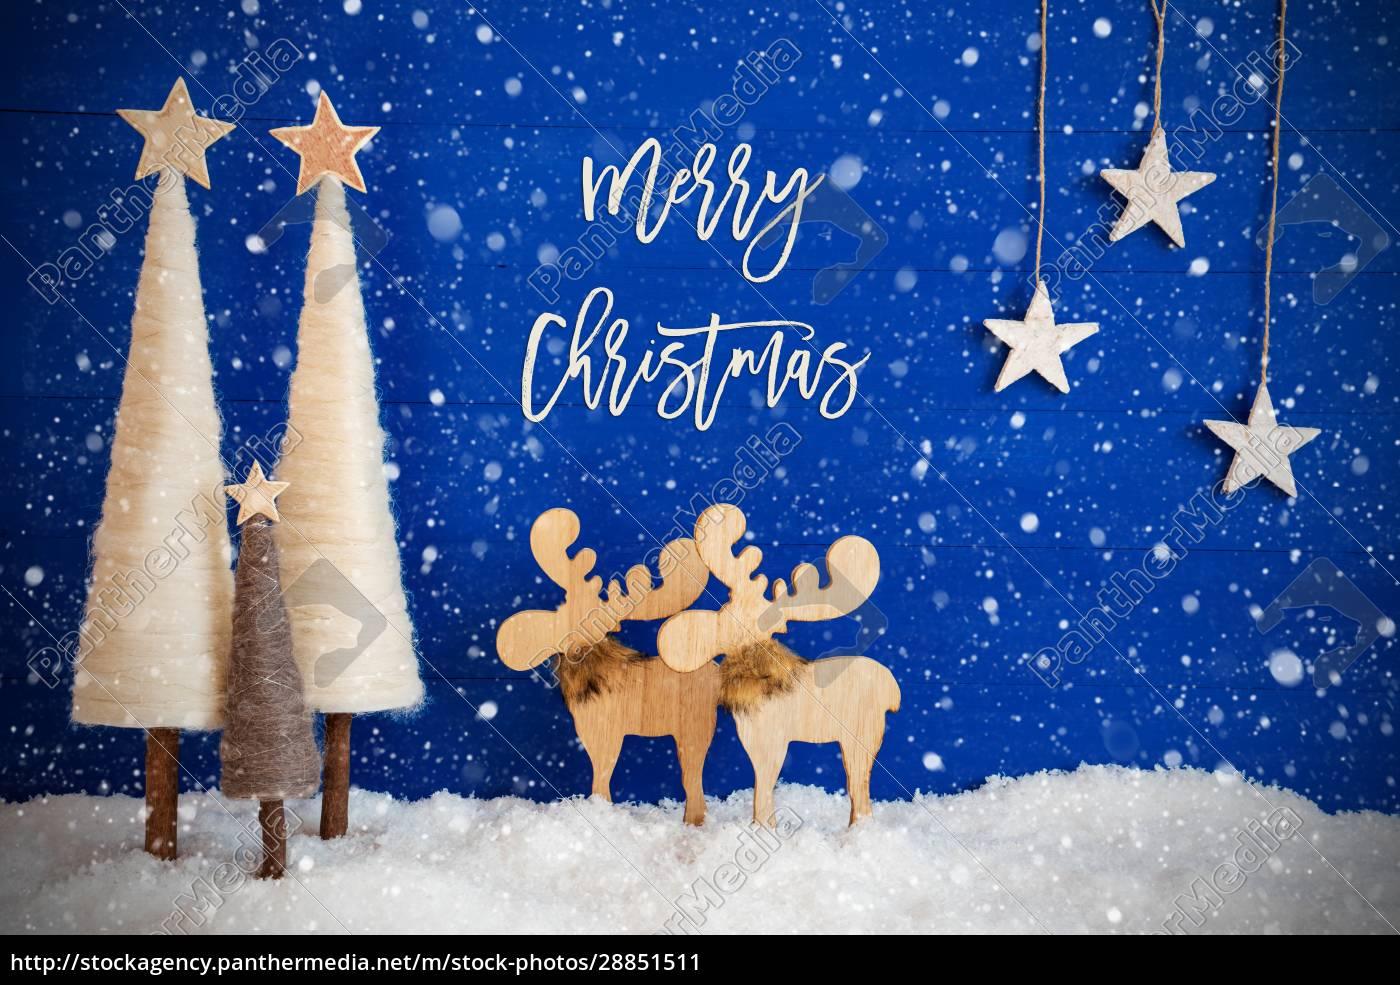 weihnachtsbaum, elch, schnee, stern, text, frohe, weihnachten, schneeflocken - 28851511